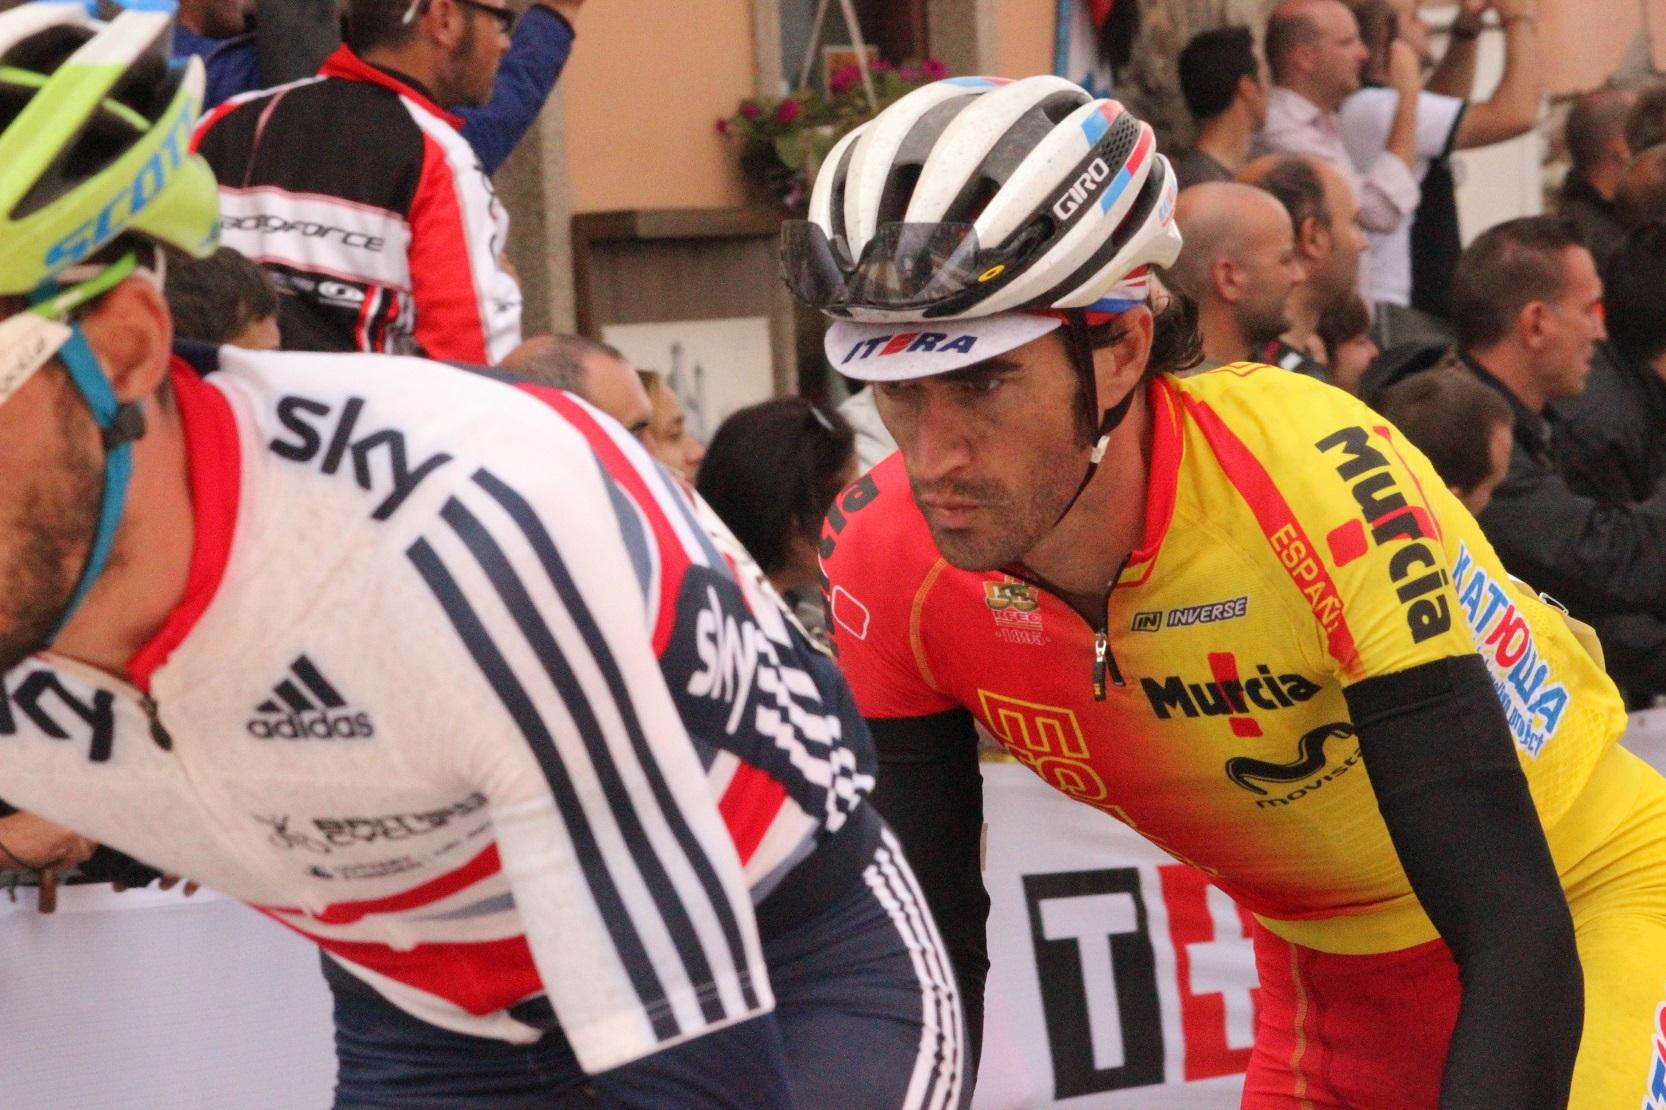 Mundial Ciclismo día ruta (1)